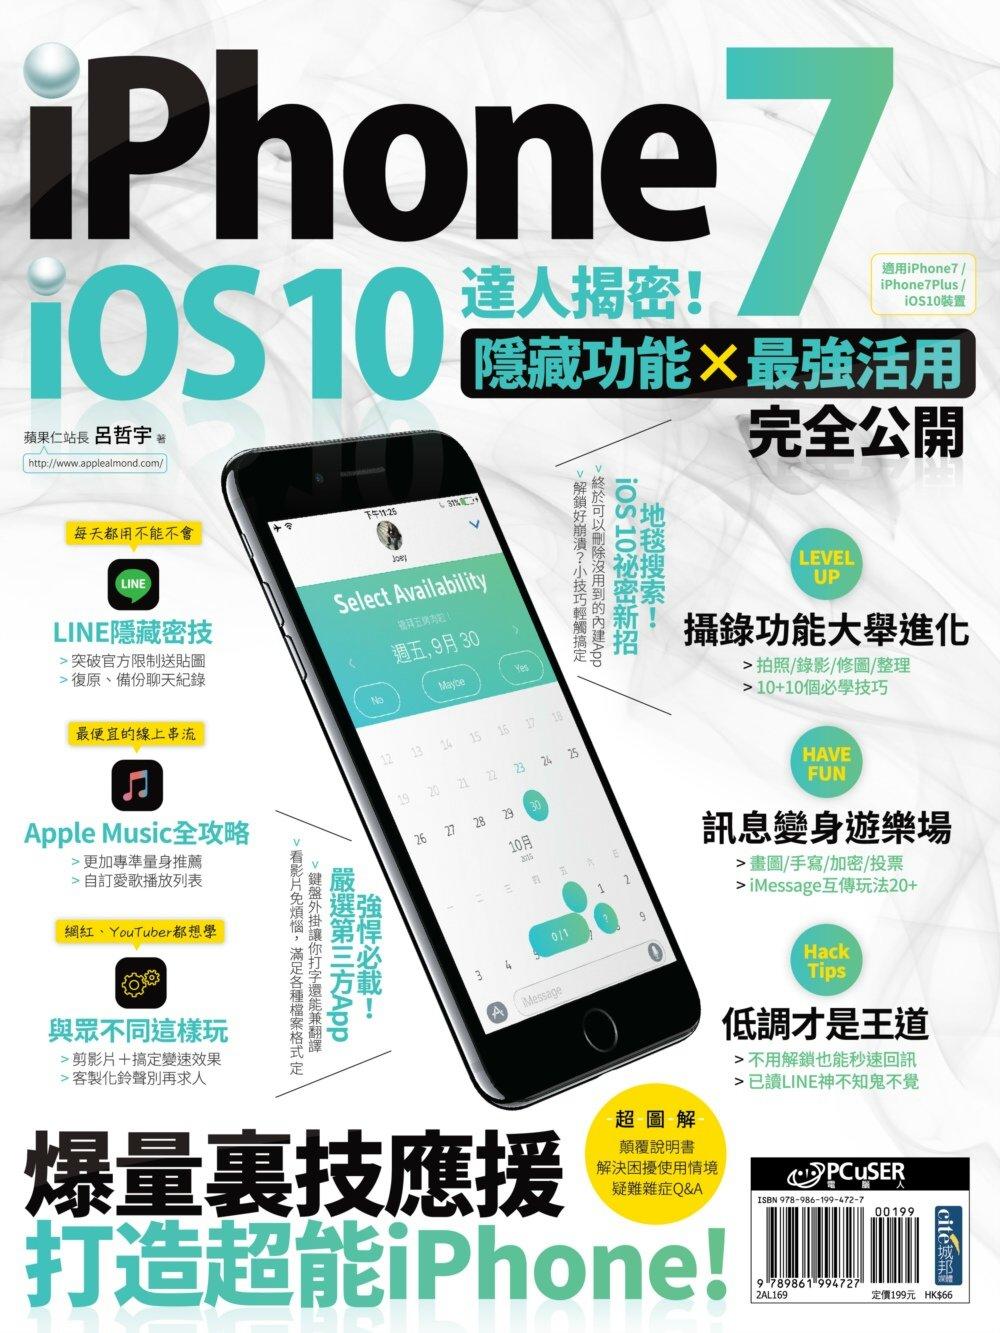 iPhone7 + iOS 1...